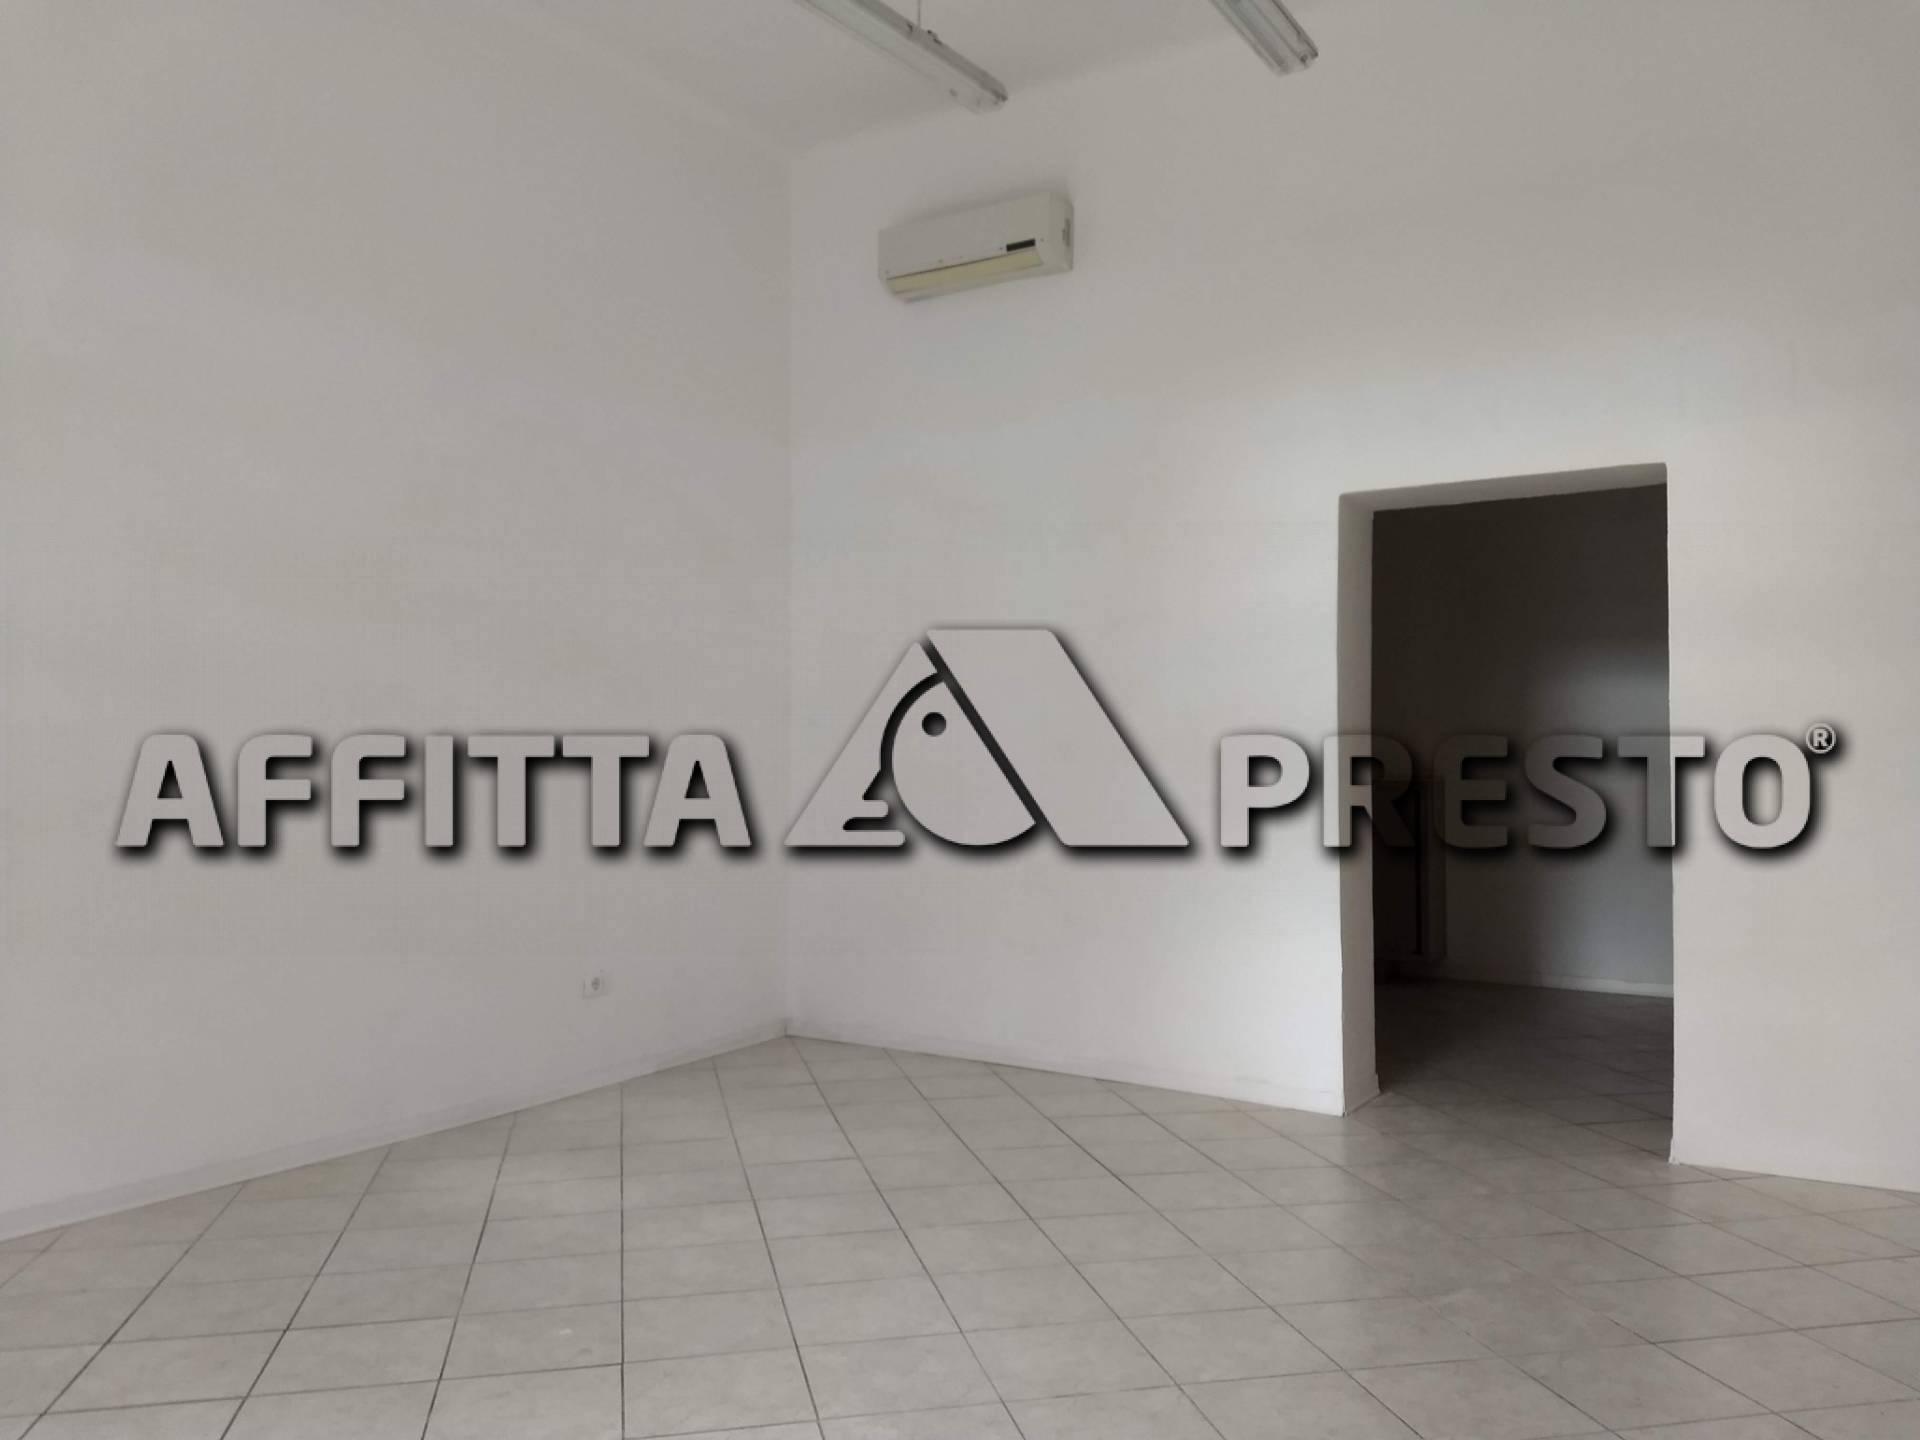 Attività commerciale in affitto a Santa Maria, Pisa